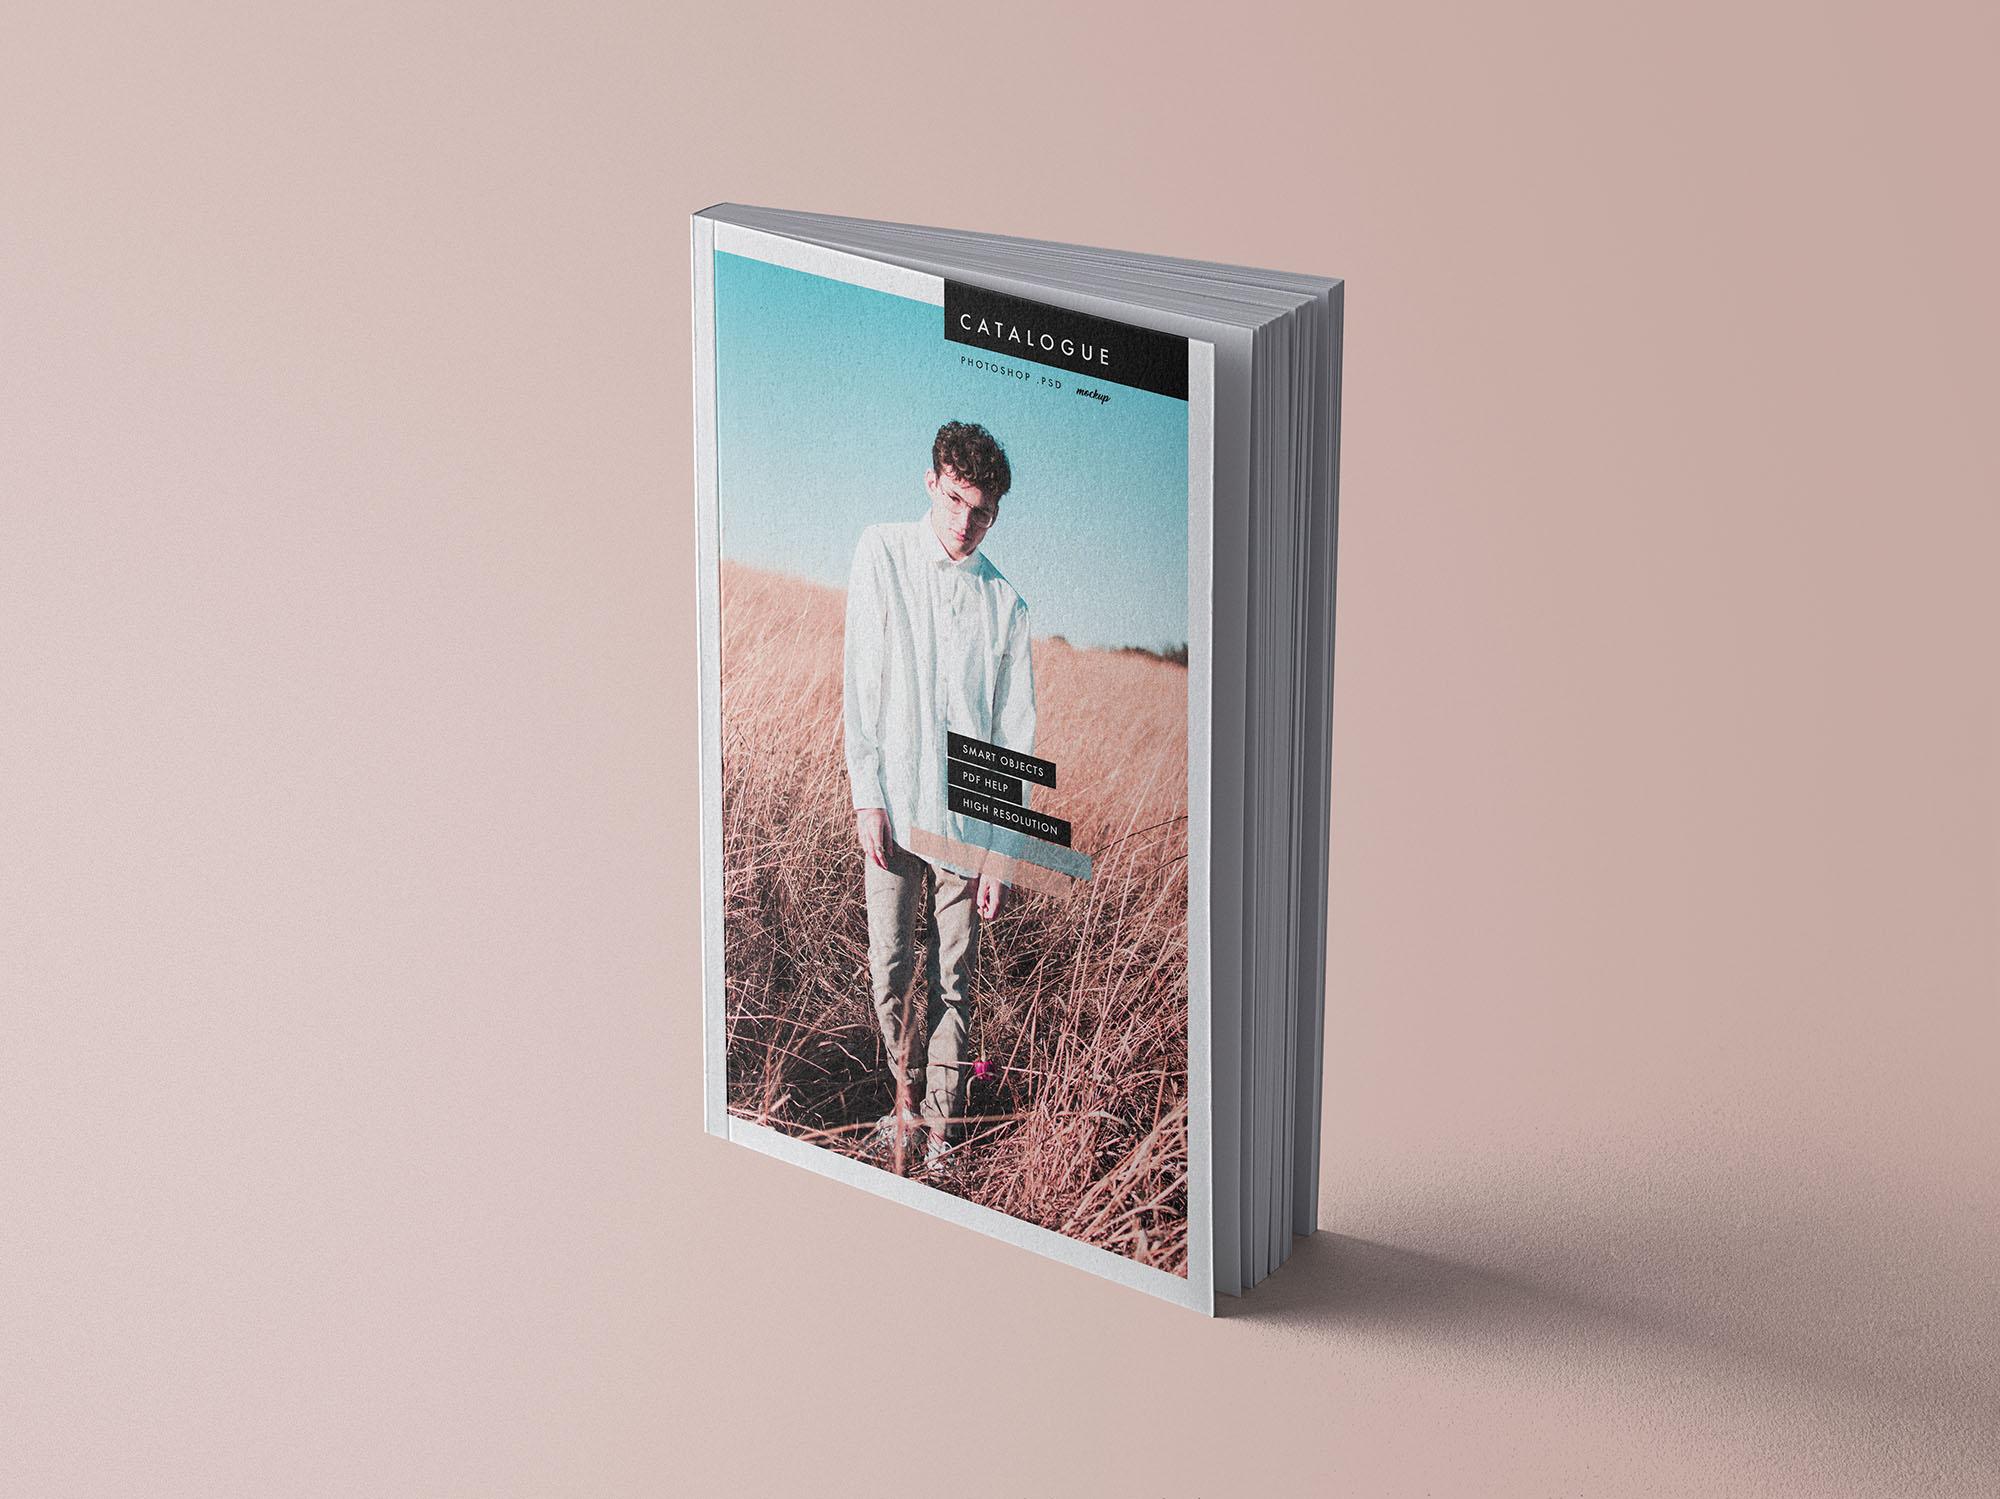 Free Catalogue Book Mockup